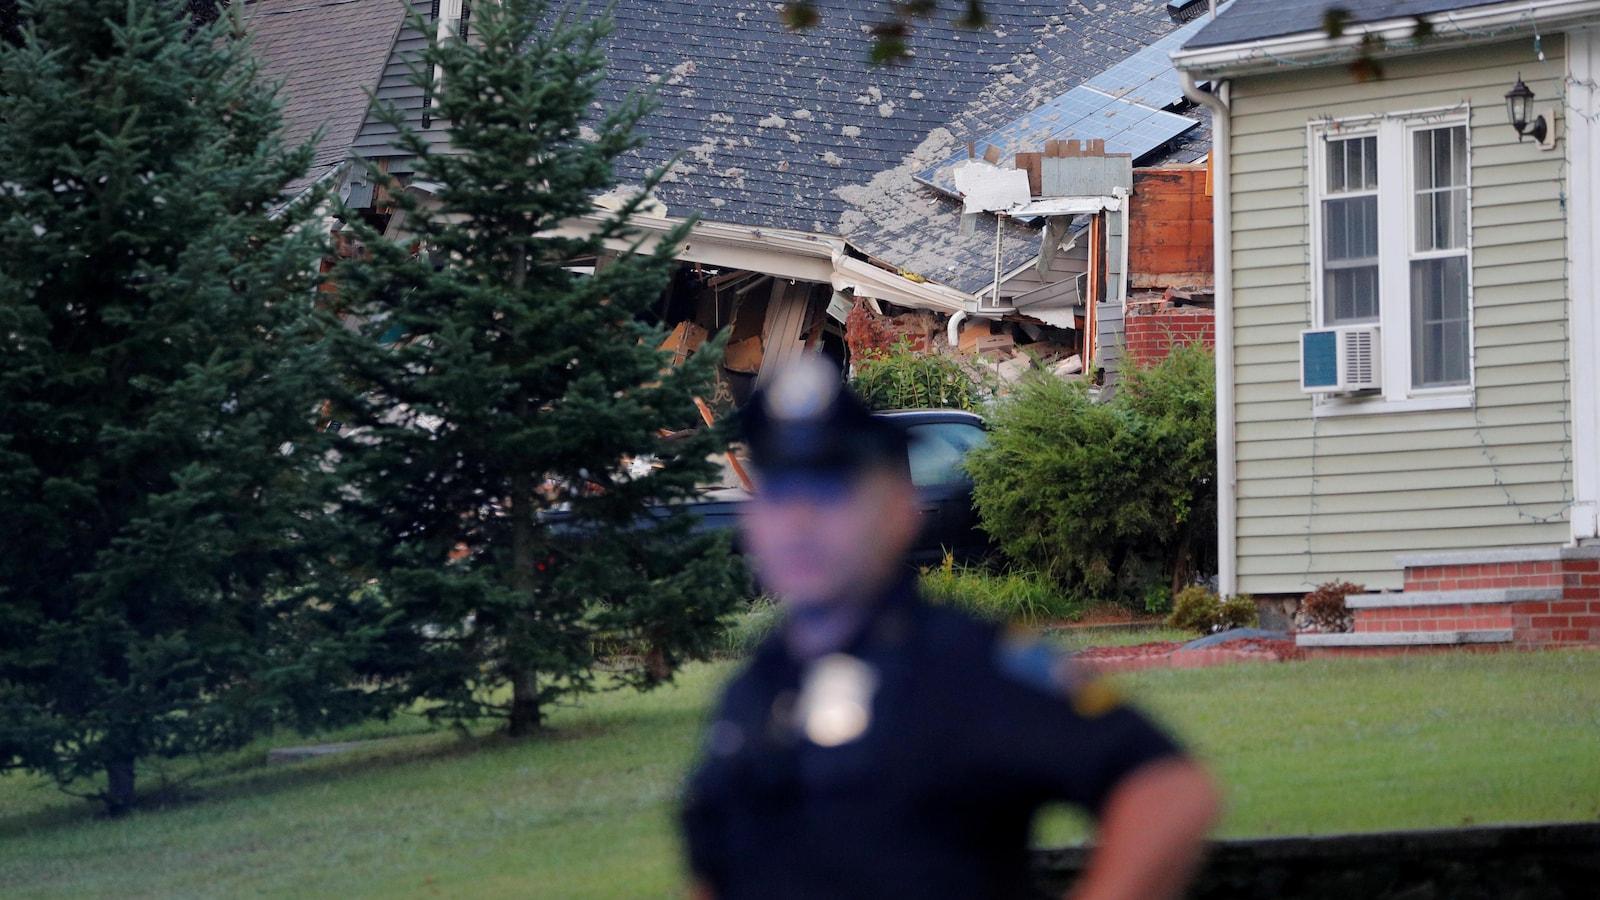 Un policier devant une maison.